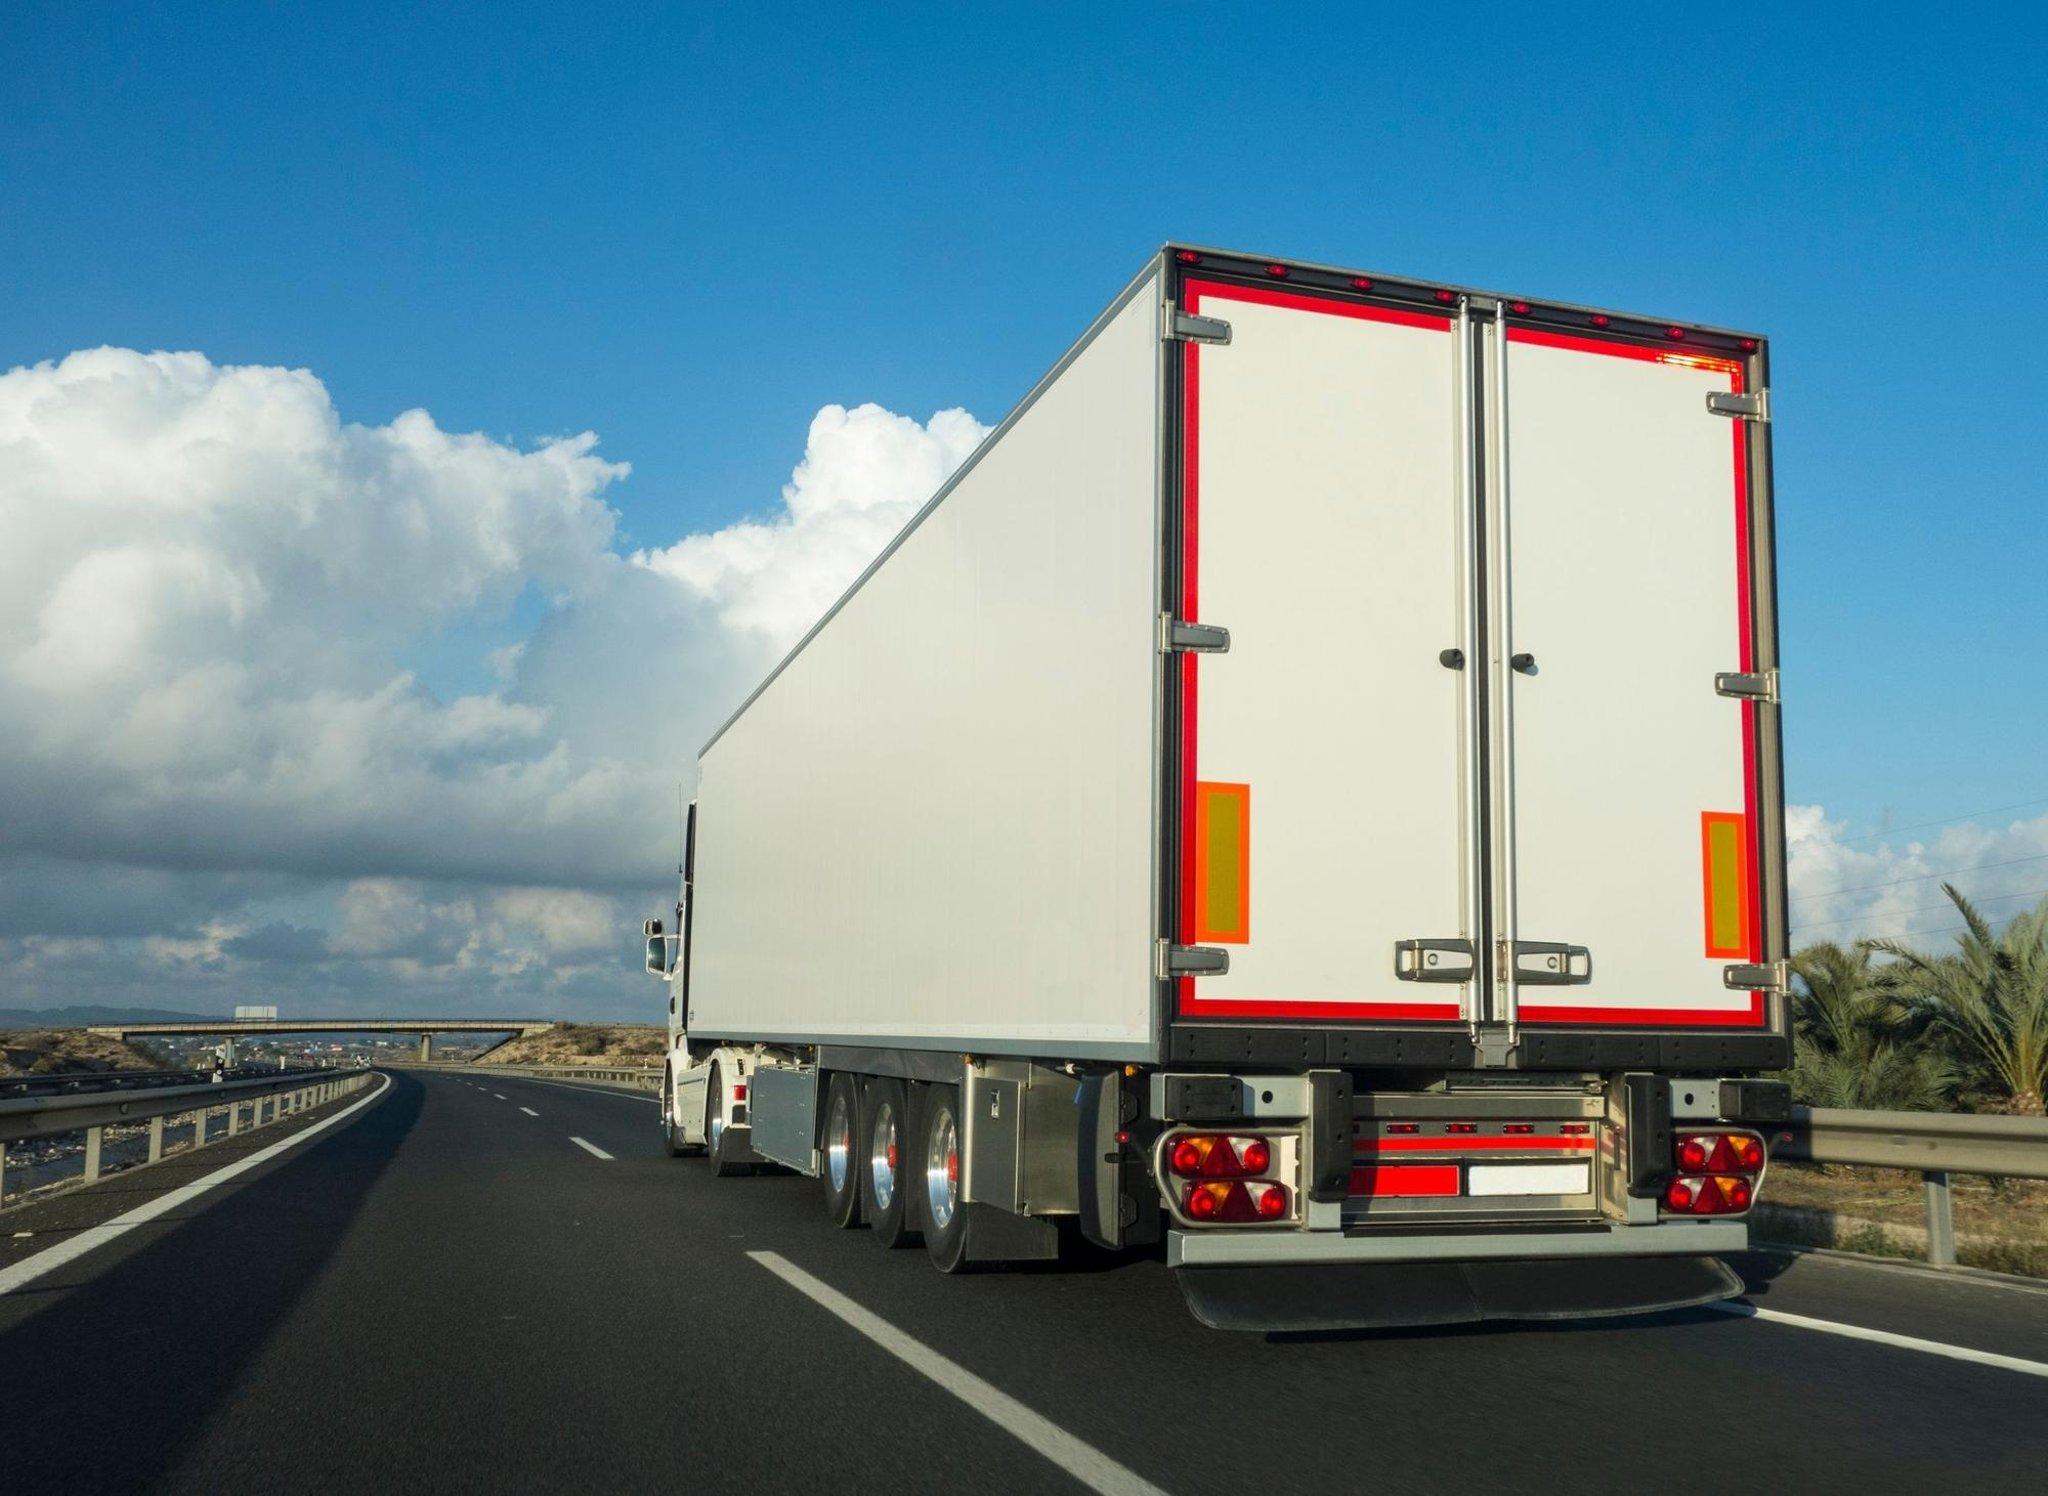 Berapa upah pengemudi HGV di Inggris?  Bagaimana rasanya menjadi pengemudi HGV